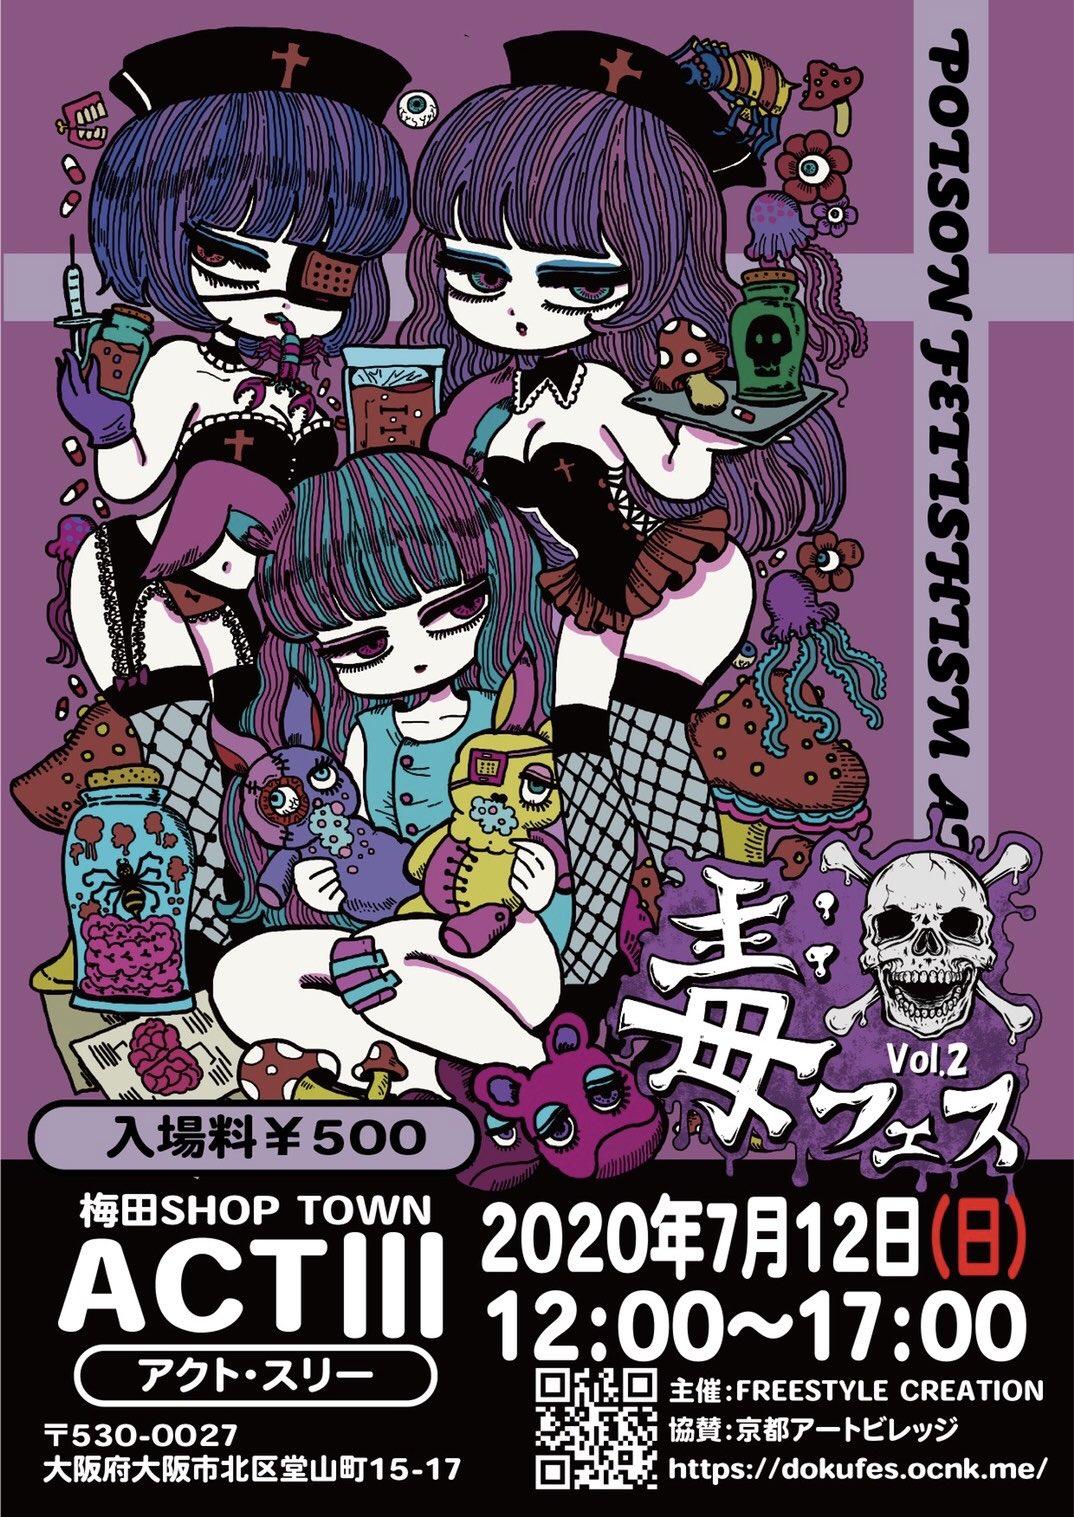 毒フェス vol.2